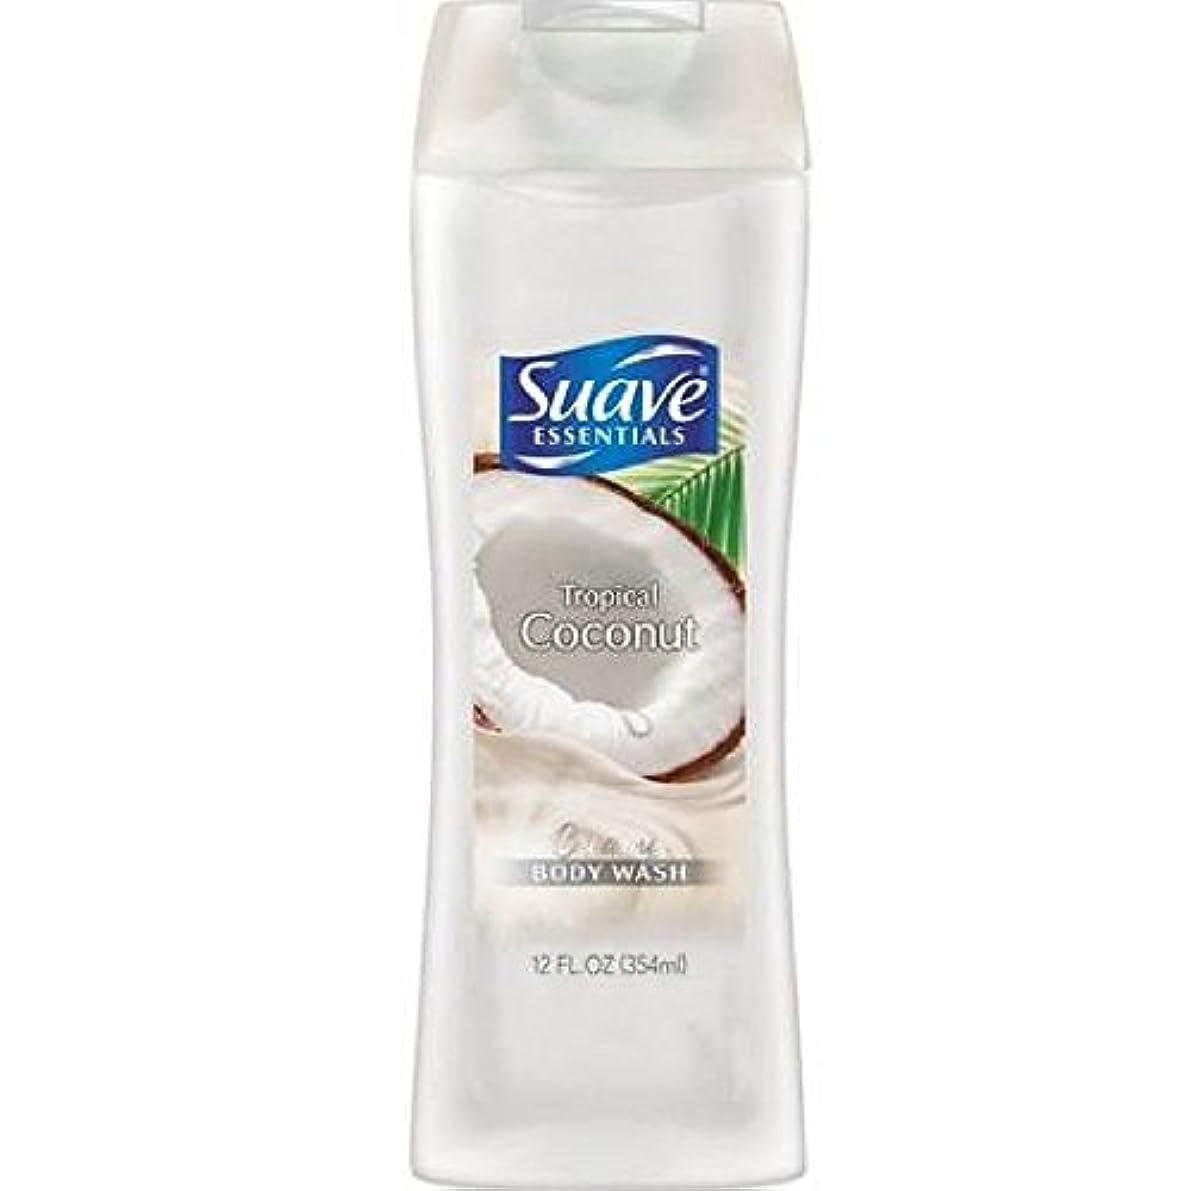 概して相関する波Suave Naturals Body Wash - Tropical Coconut - 12 oz - 2 pk by Suave [並行輸入品]